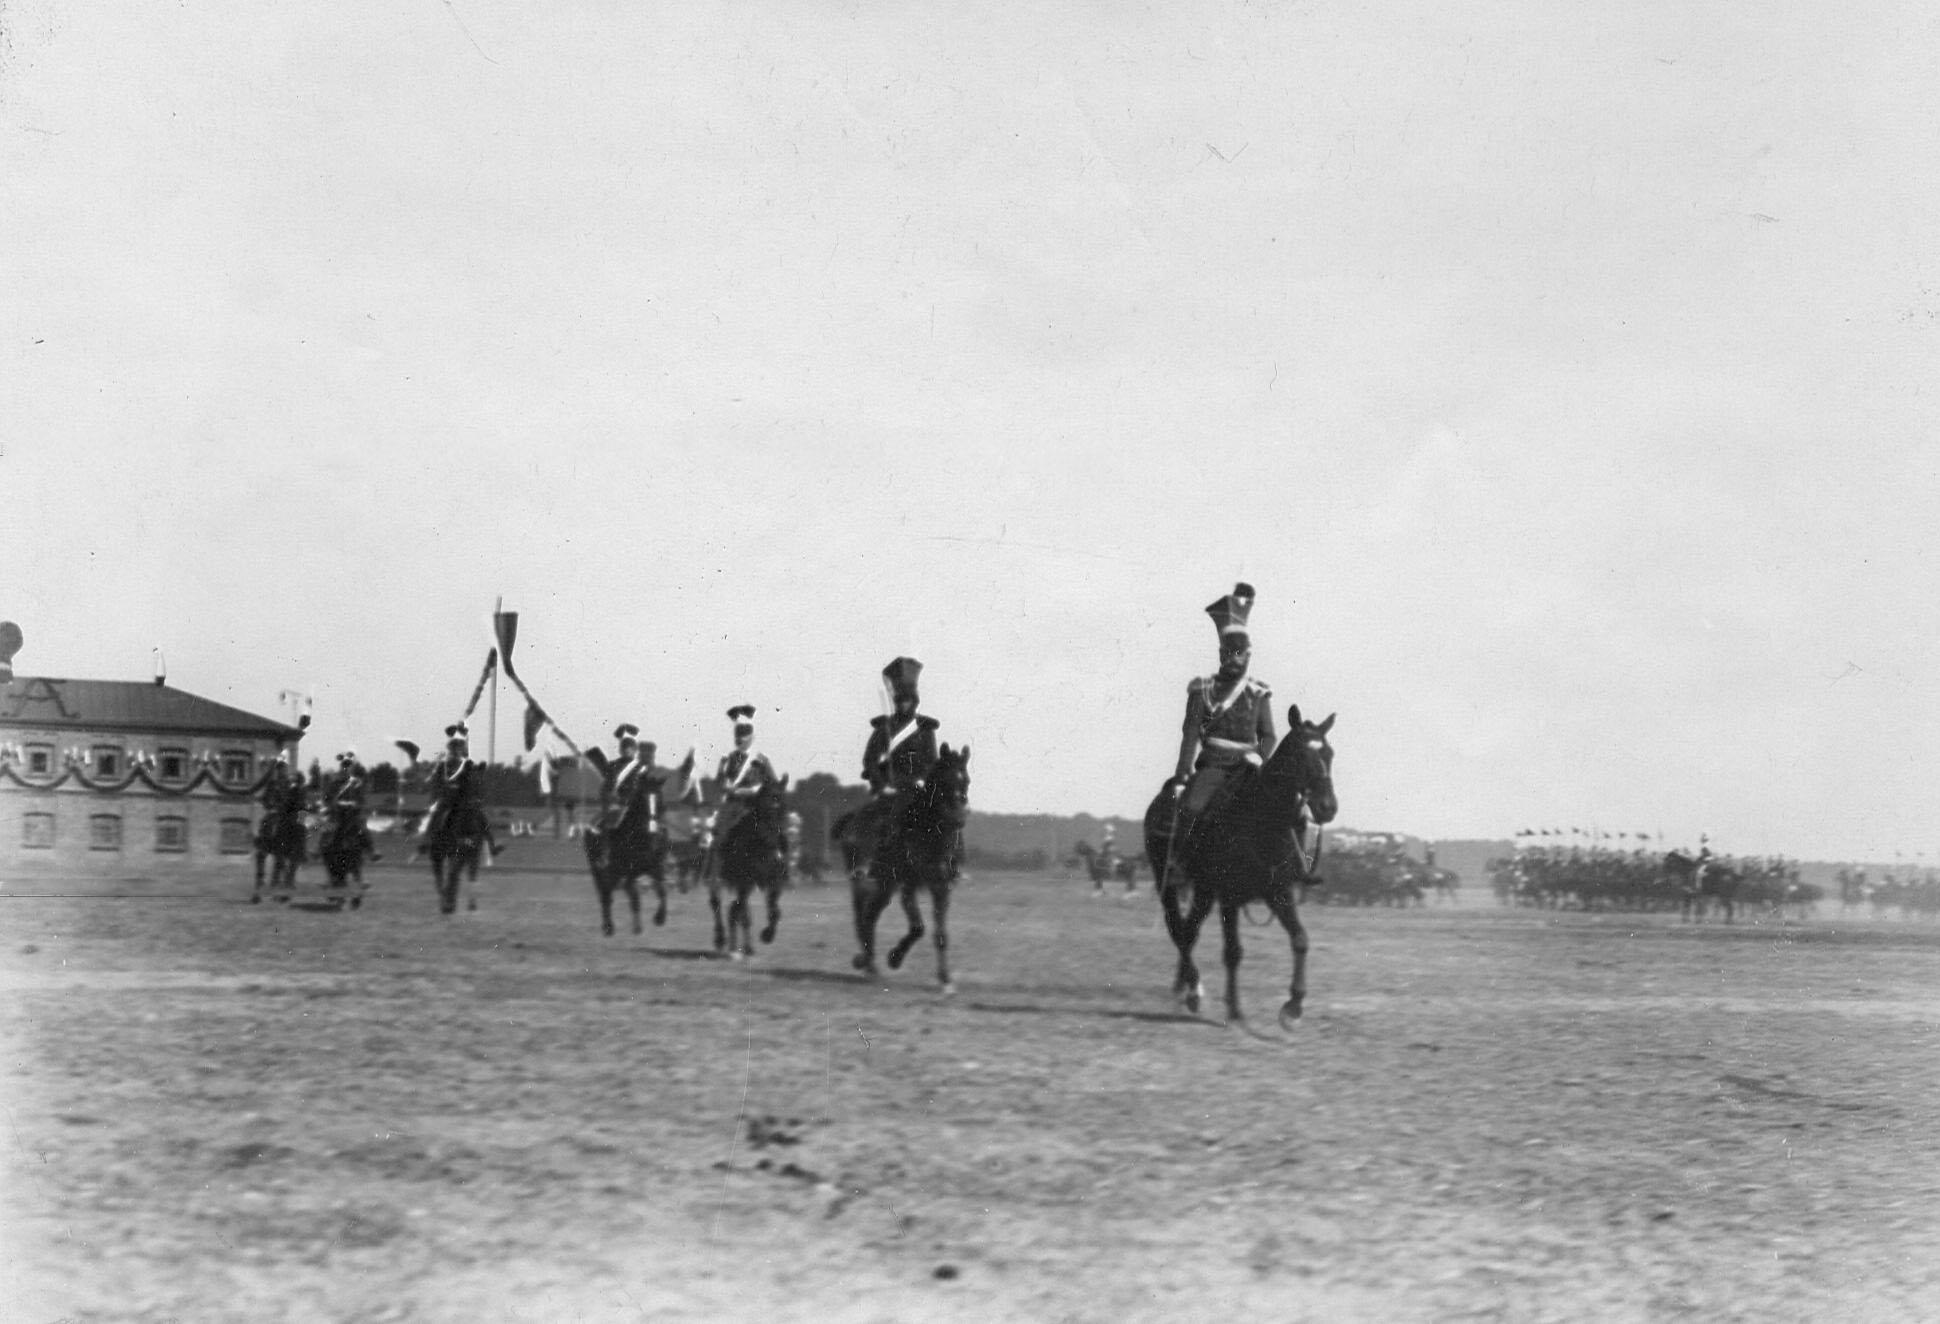 Уланы в своих исторических формах во время церемониального марша на параде в день 250-летнего юбилея полка